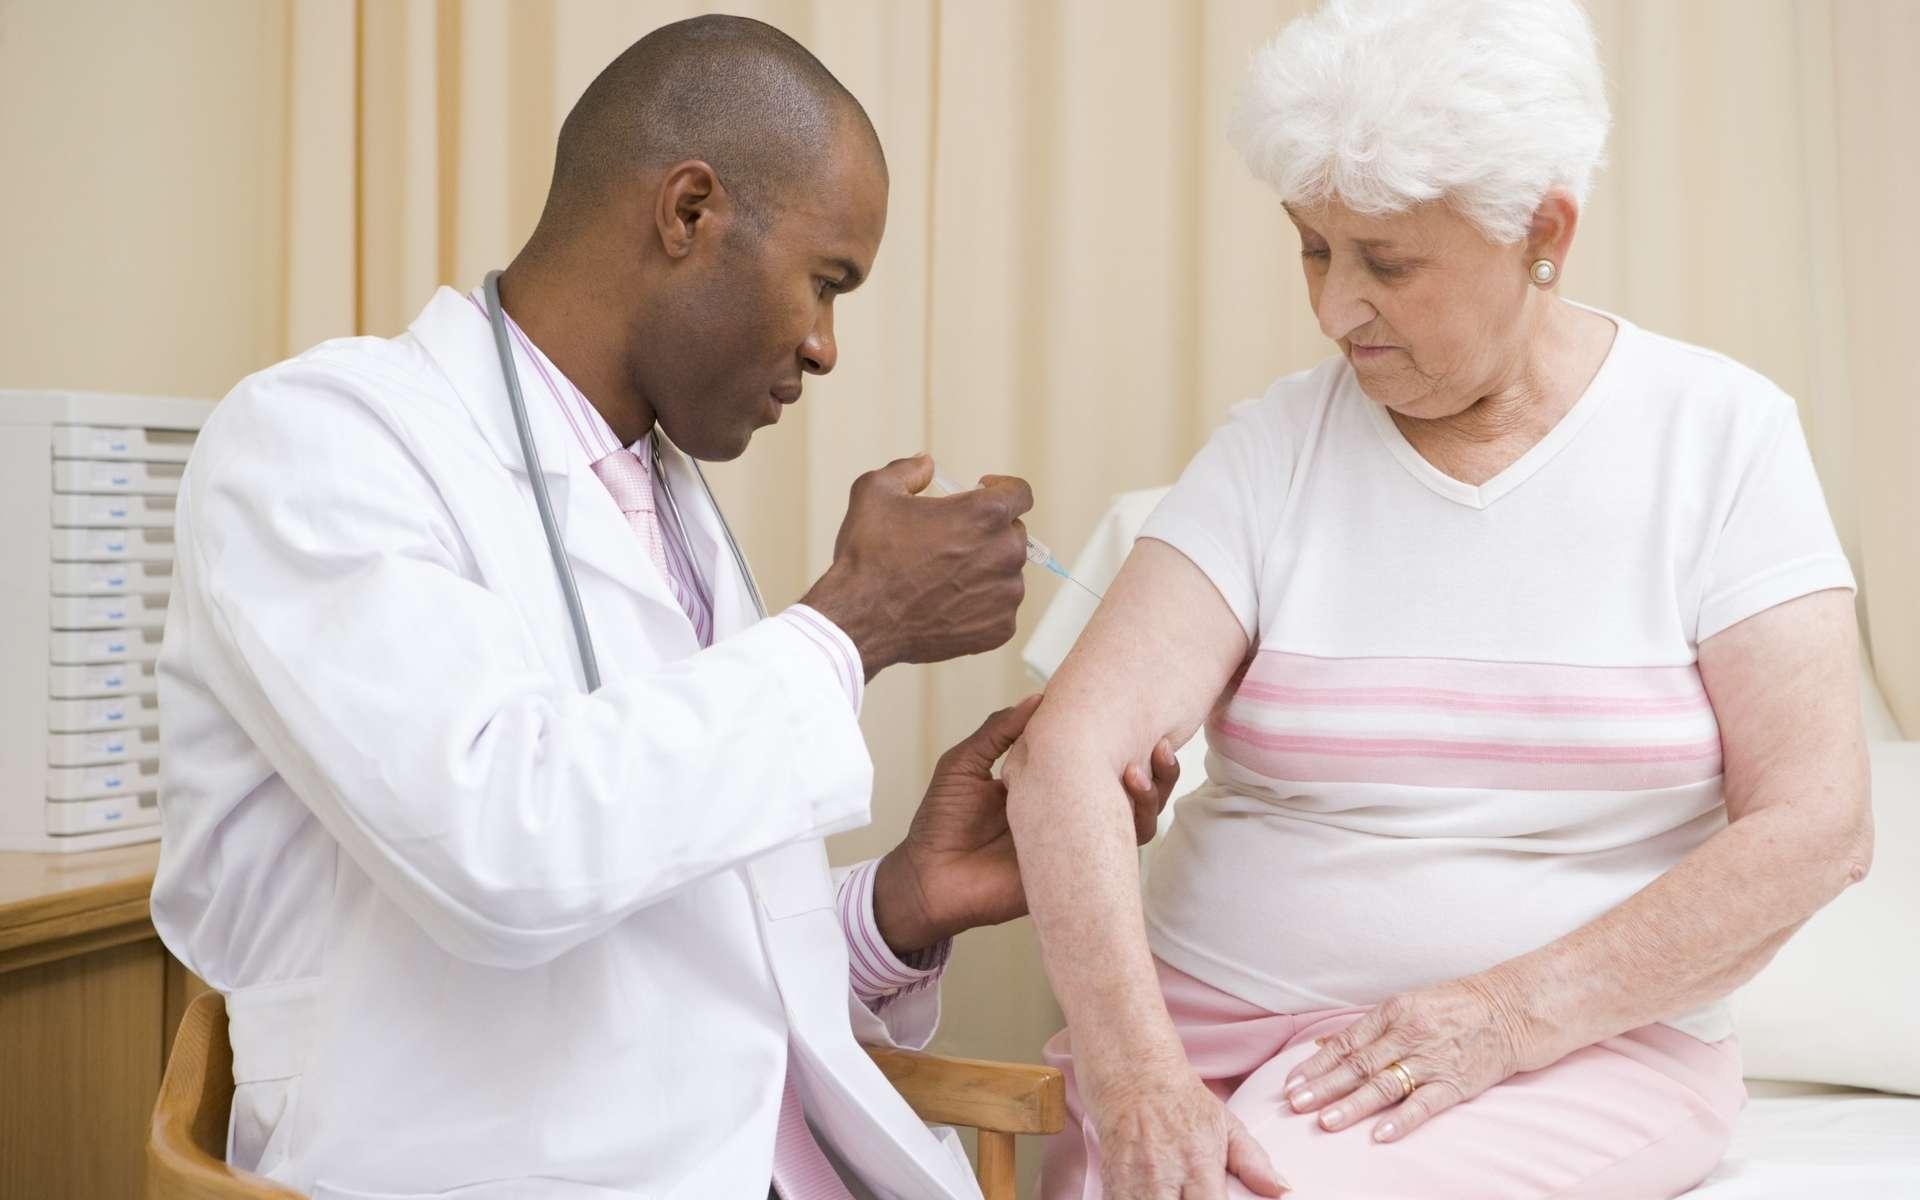 Le vaccin polysaccharidique est recommandé aux personnes âgées de plus de 65 ans ou dont le système immunitaire est affaibli. © Phovoir